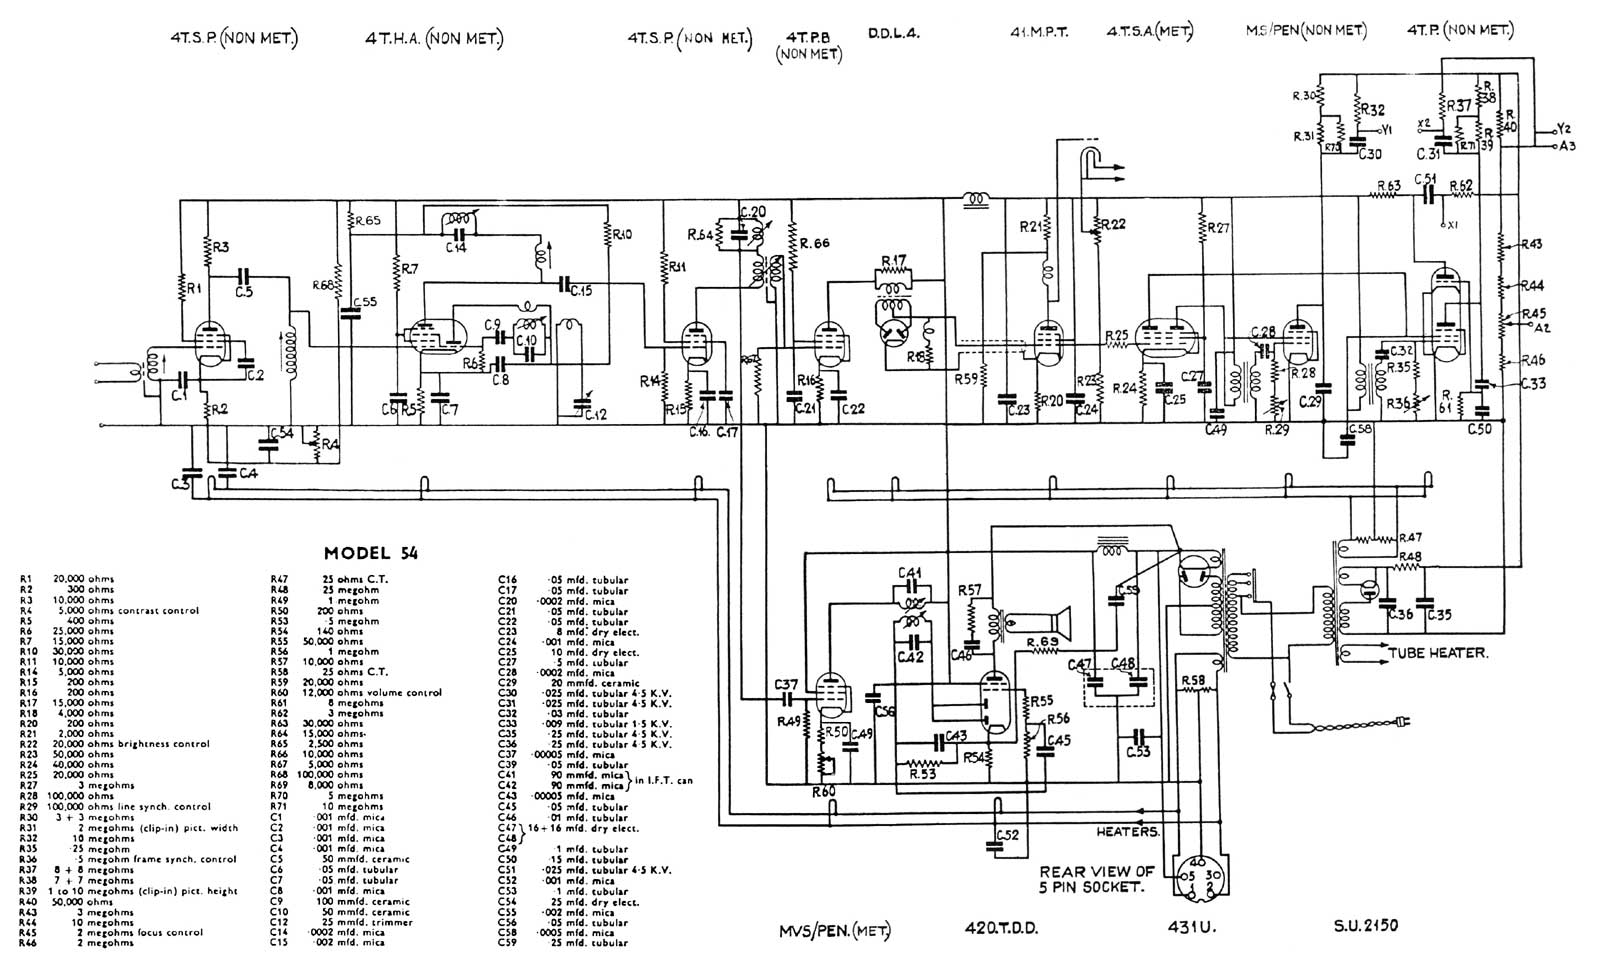 Stupendous Skema Samsung Ln26B350F1 Ln32B350F1 Tft Lcd Tv Circuit Diagram Wiring 101 Capemaxxcnl